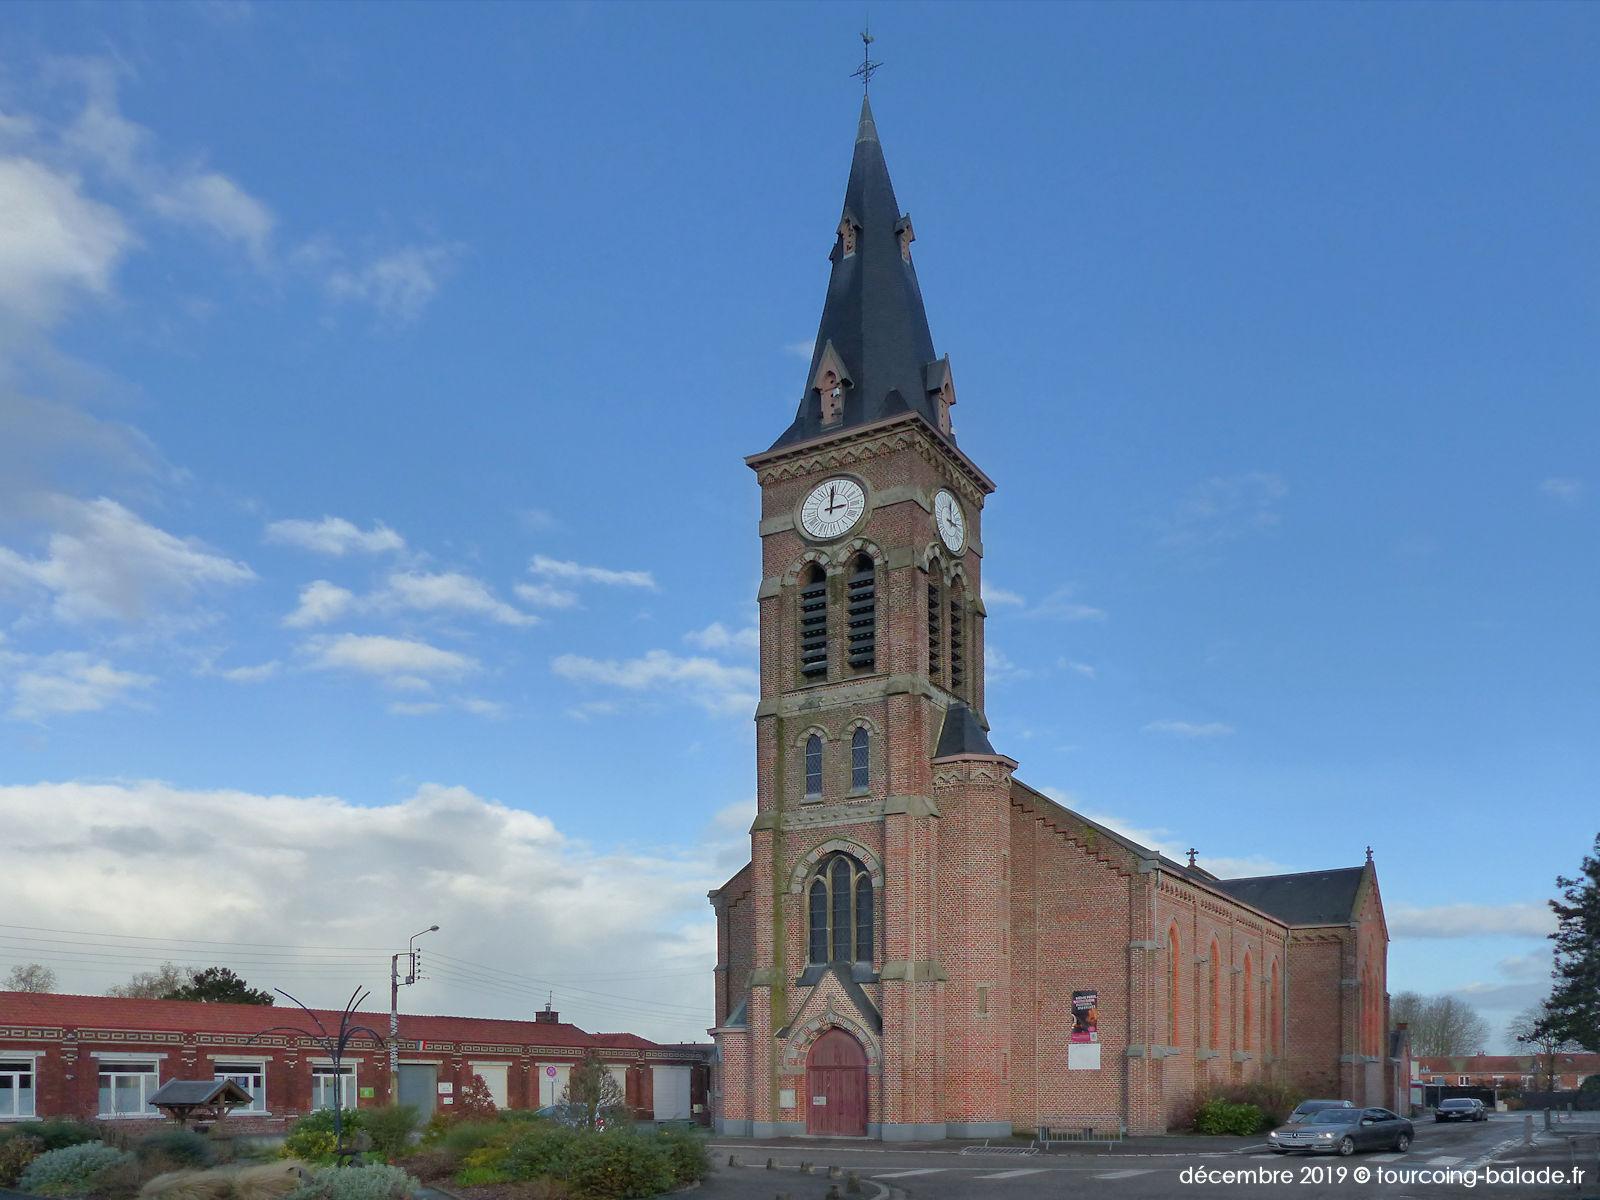 Église Saint-Antoine et place Coulon, Halluin 2019